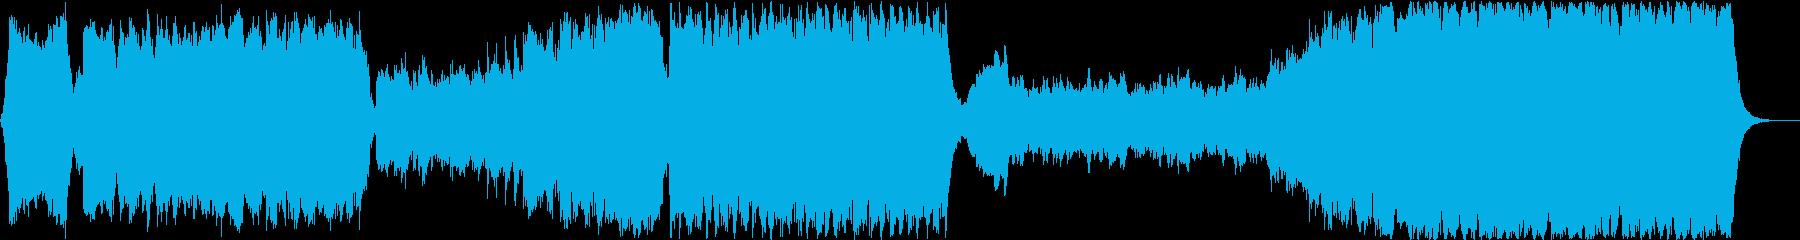 壮大なオーケストラバラードの再生済みの波形